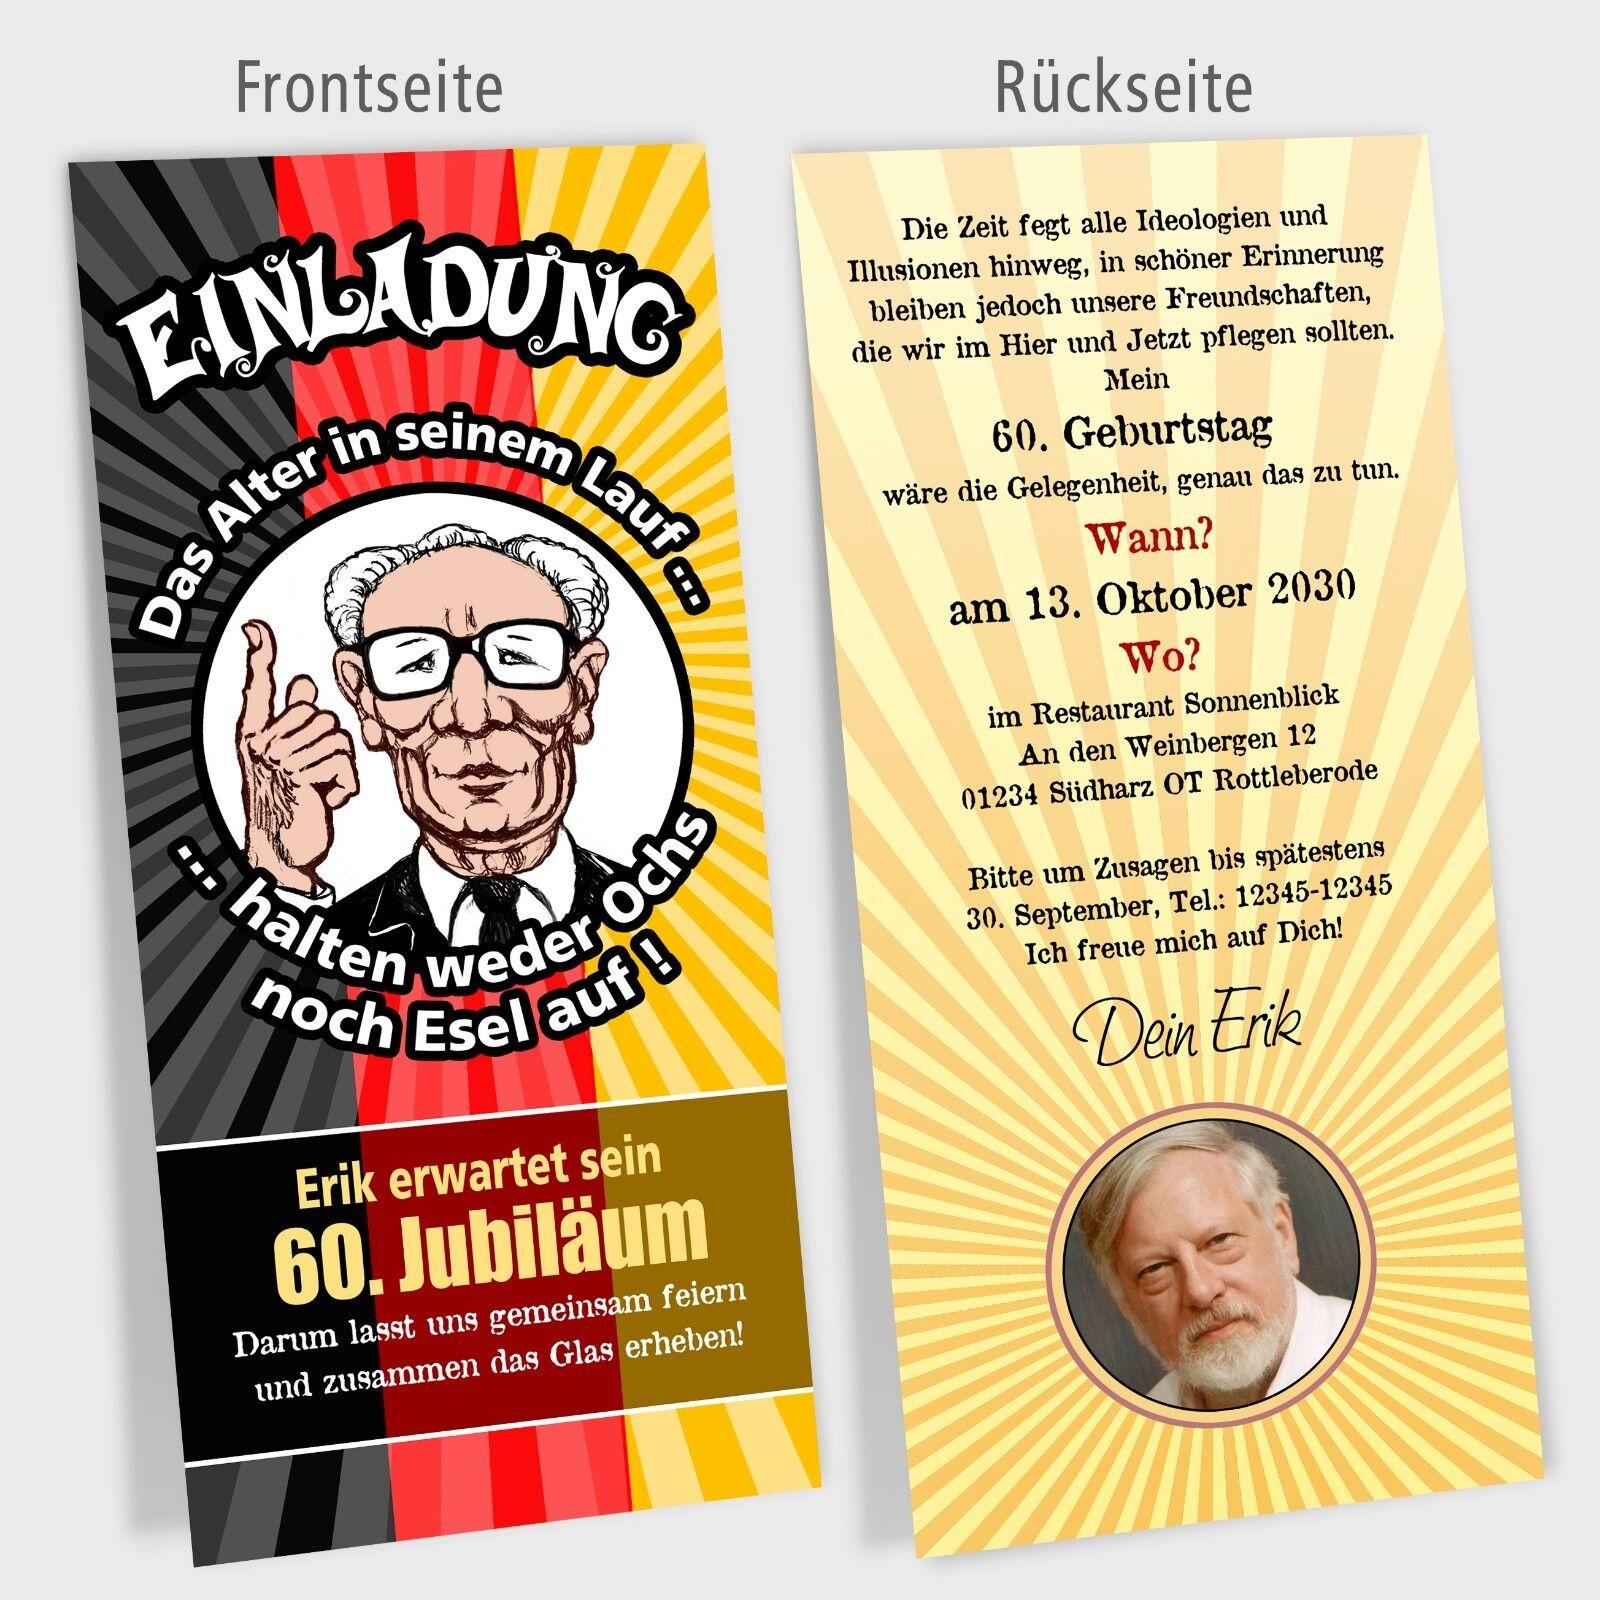 Einladungskarte Geburtstag Politiker Cartoons Modell Erich personalisiert